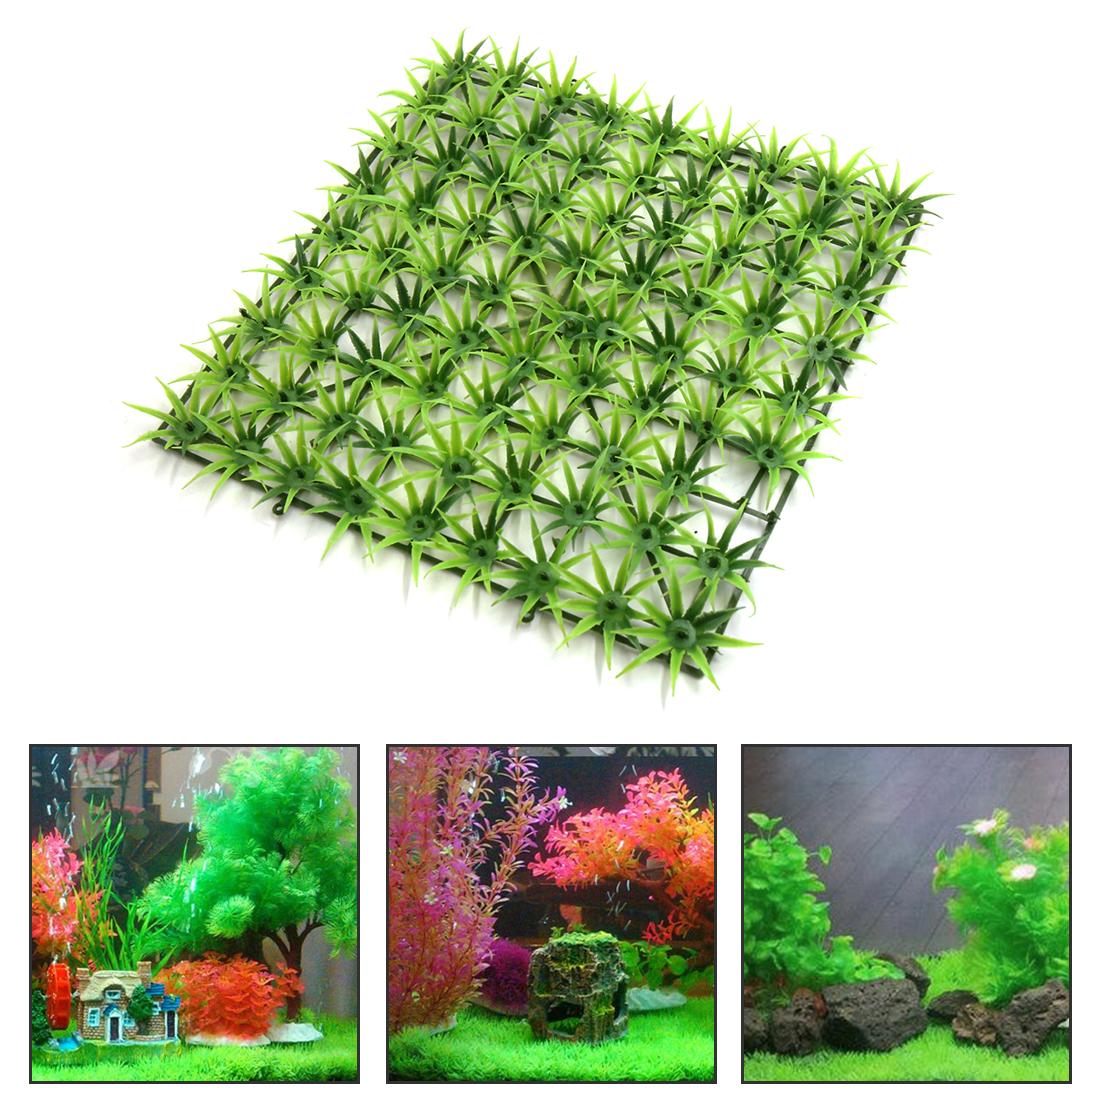 Pelouse en Plastique Vert sous Eau du réservoir d'Aquarium Ornement décoratif Aquascape - image 1 de 3